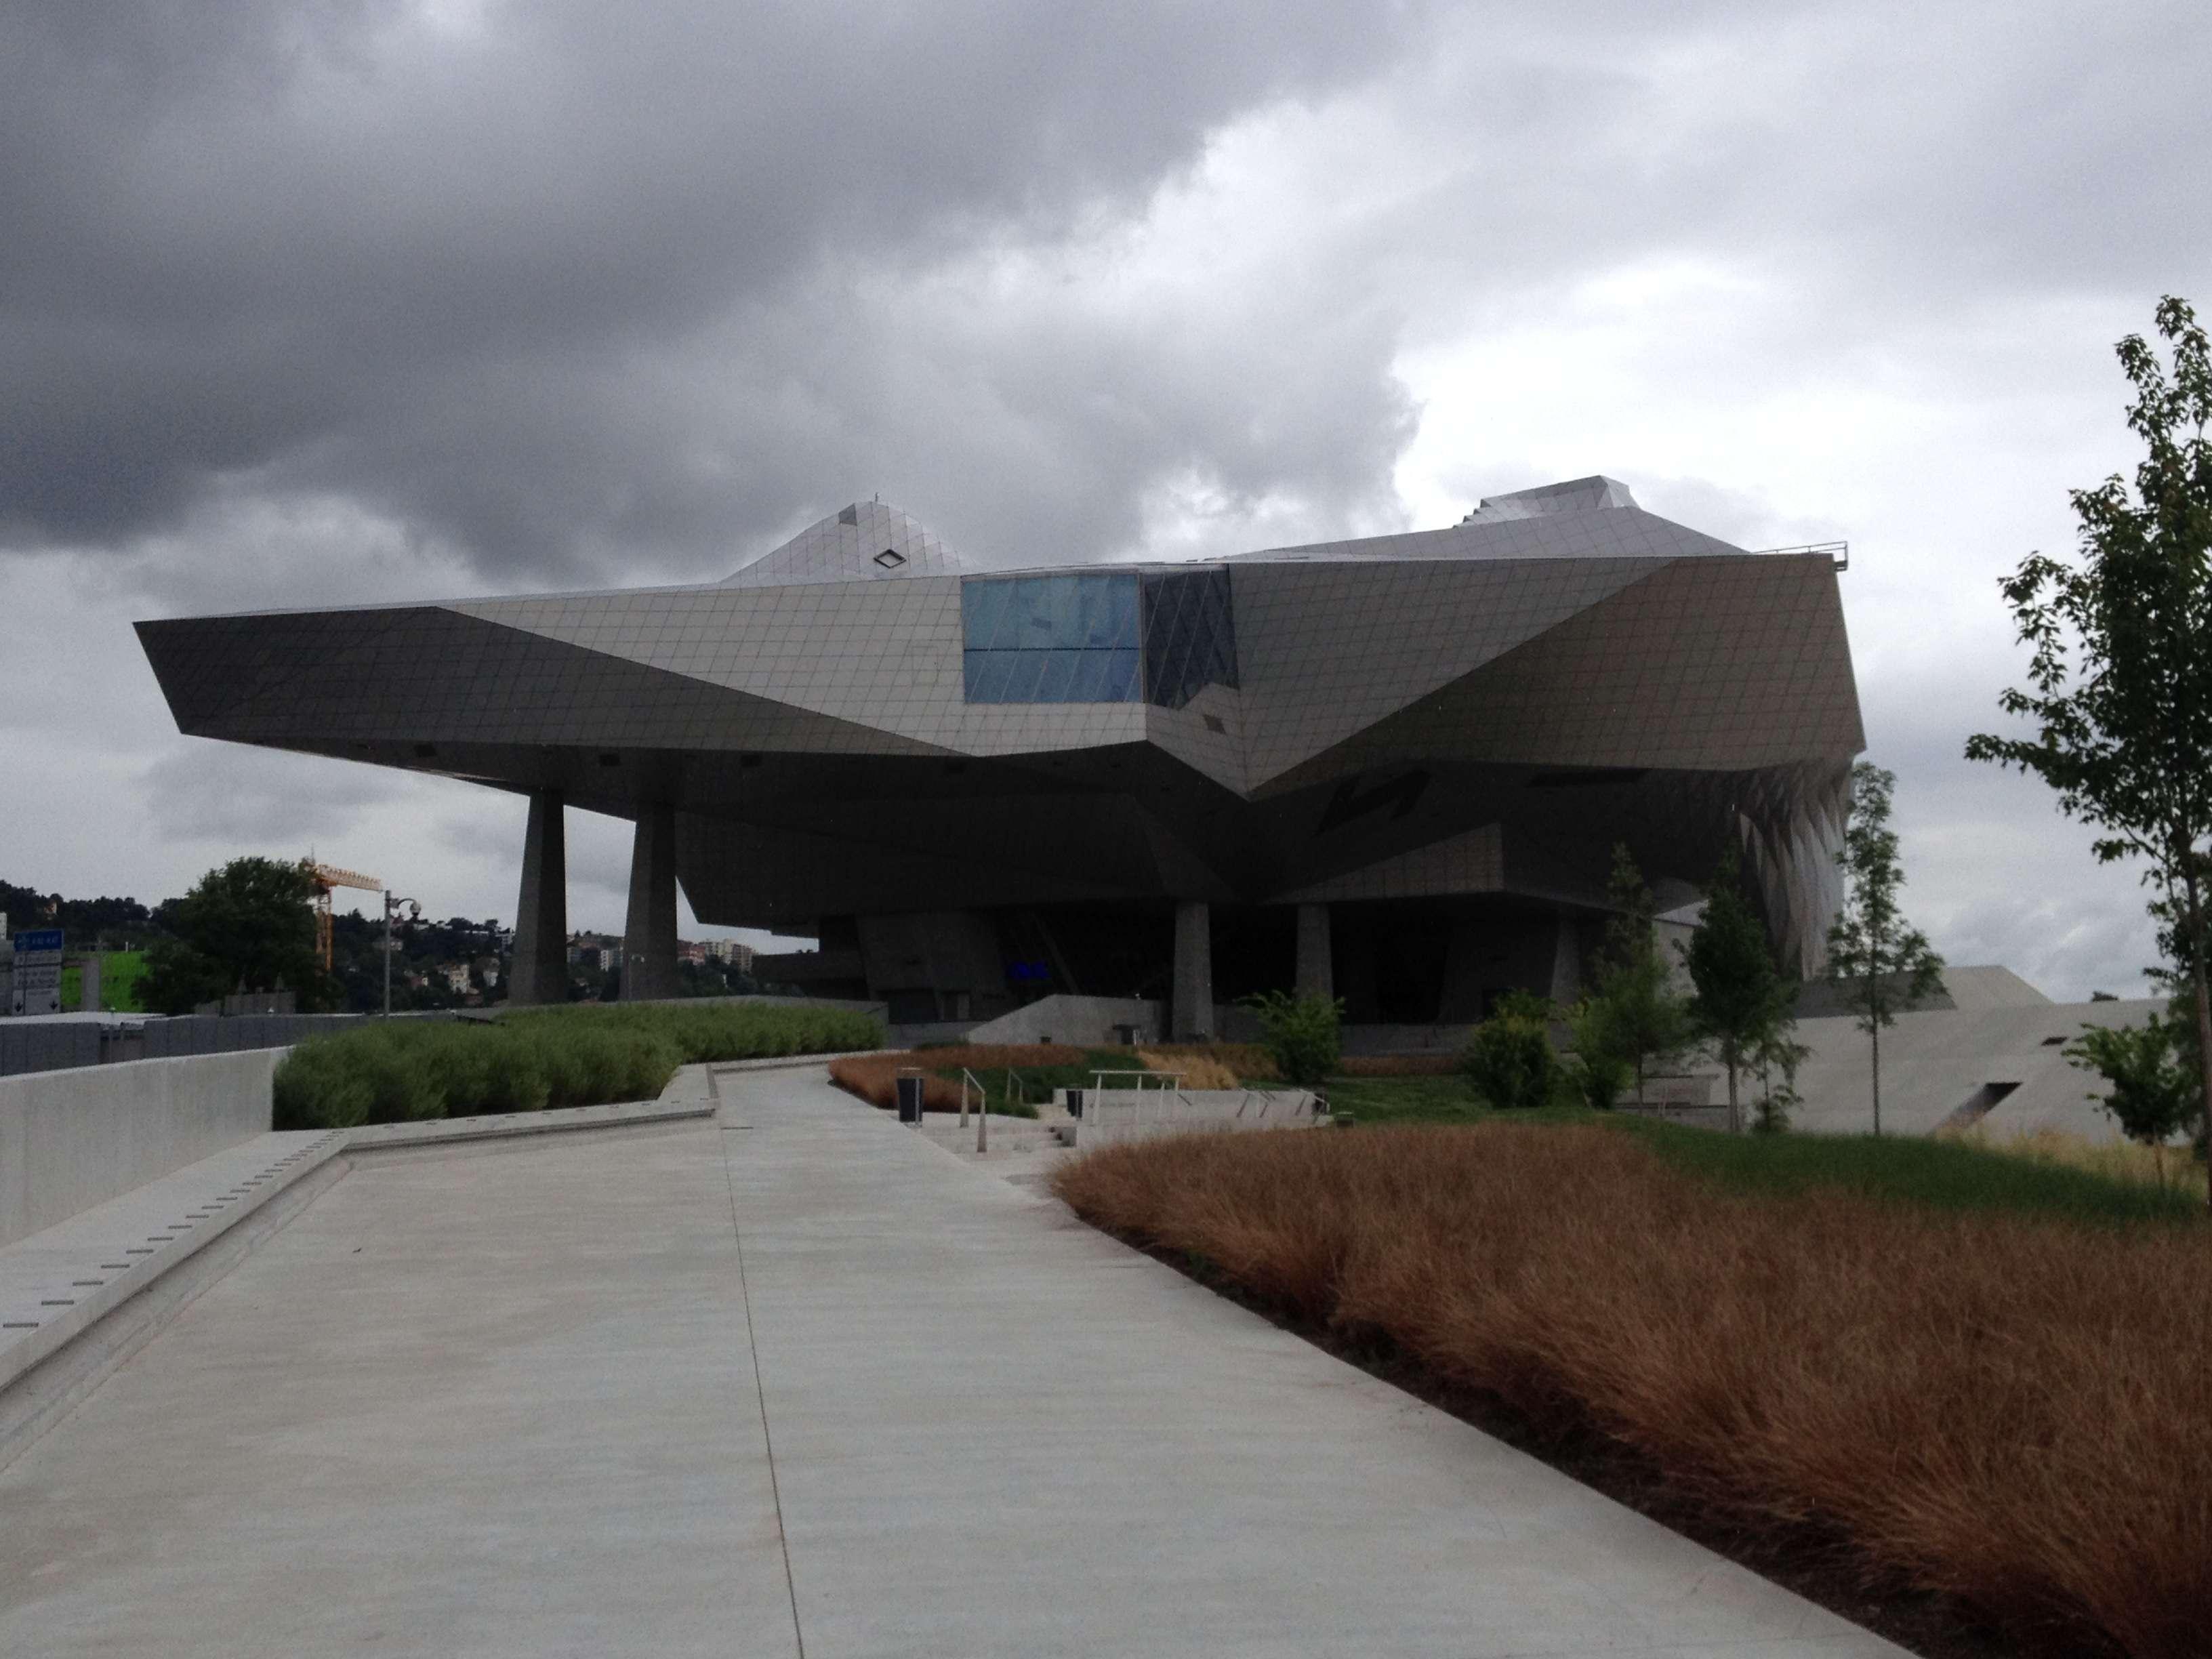 Muzeul Confluentelor vàzut dinspre locul unde se întâlnesc râurile Rhône si Saône la Lyon